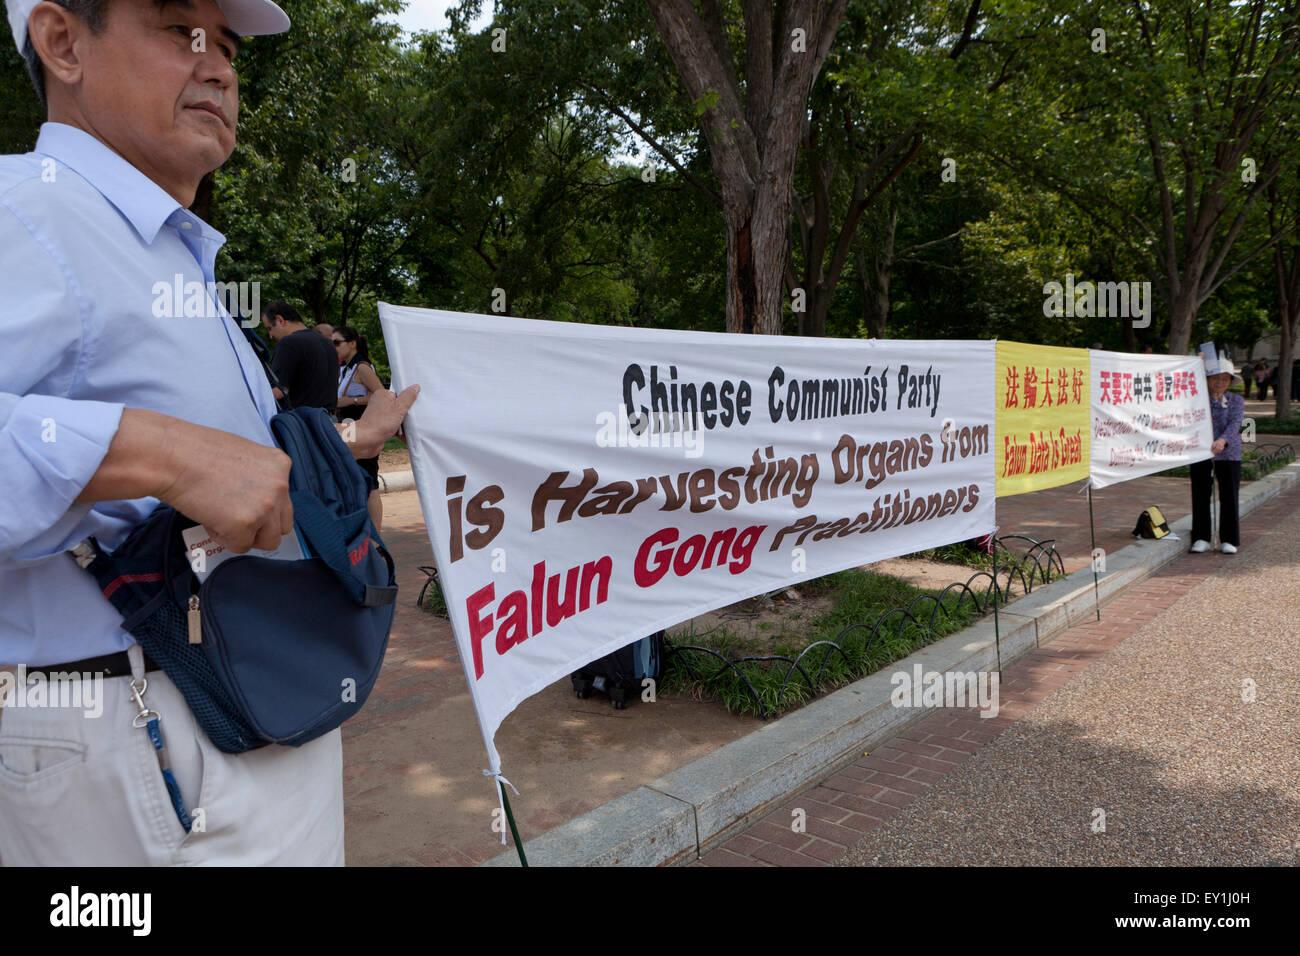 Los practicantes de Falun Gong protestan contra el Partido Comunista Chino - Washington, DC, EE.UU. Imagen De Stock